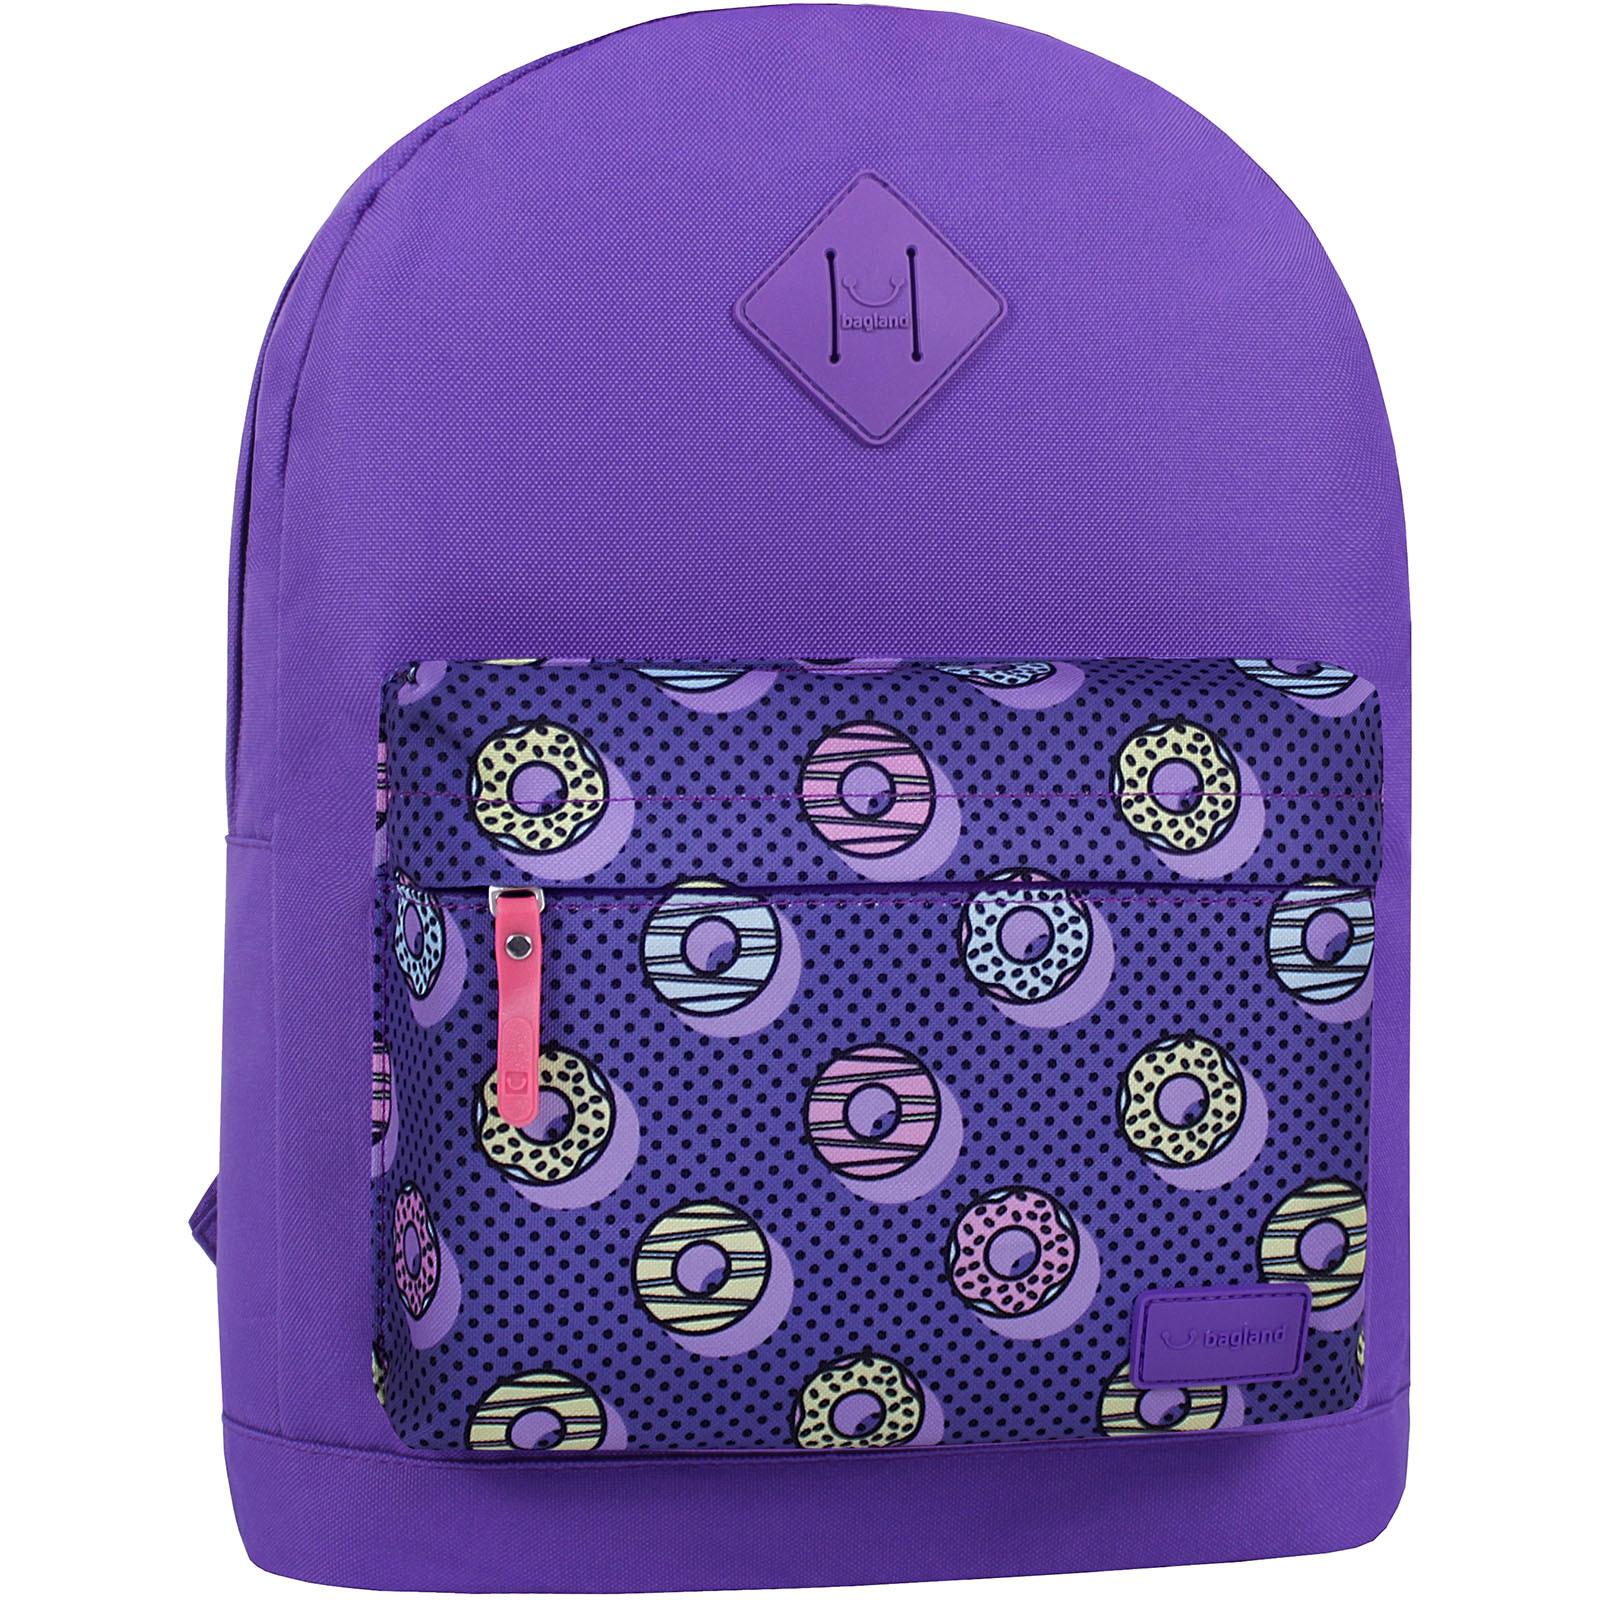 Рюкзак Bagland Молодежный W/R 17 л. 339 Фиолетовый 745 (00533662) фото 1